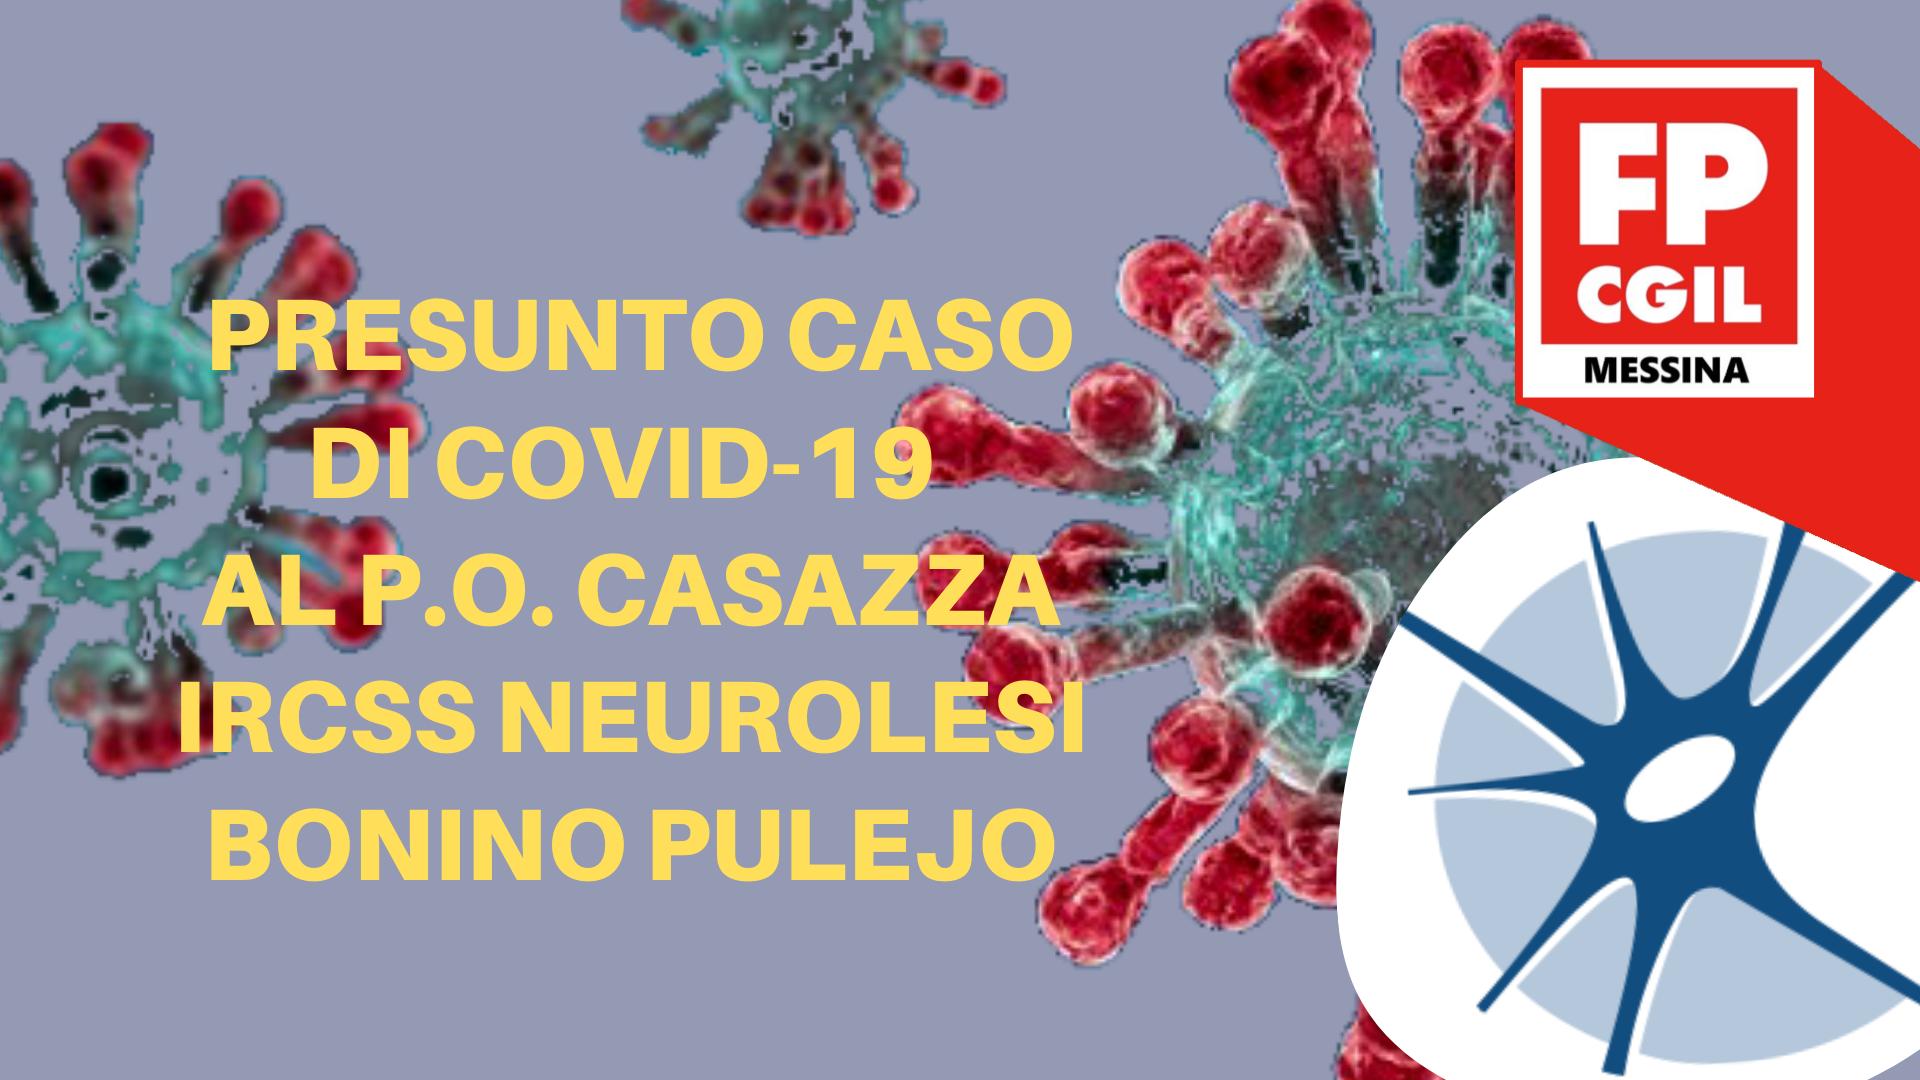 Misure di contenimento COVID 19. Presunto caso di COVID-19 al P.O. Casazza IRCSS Neurolesi Bonino Pulejo.